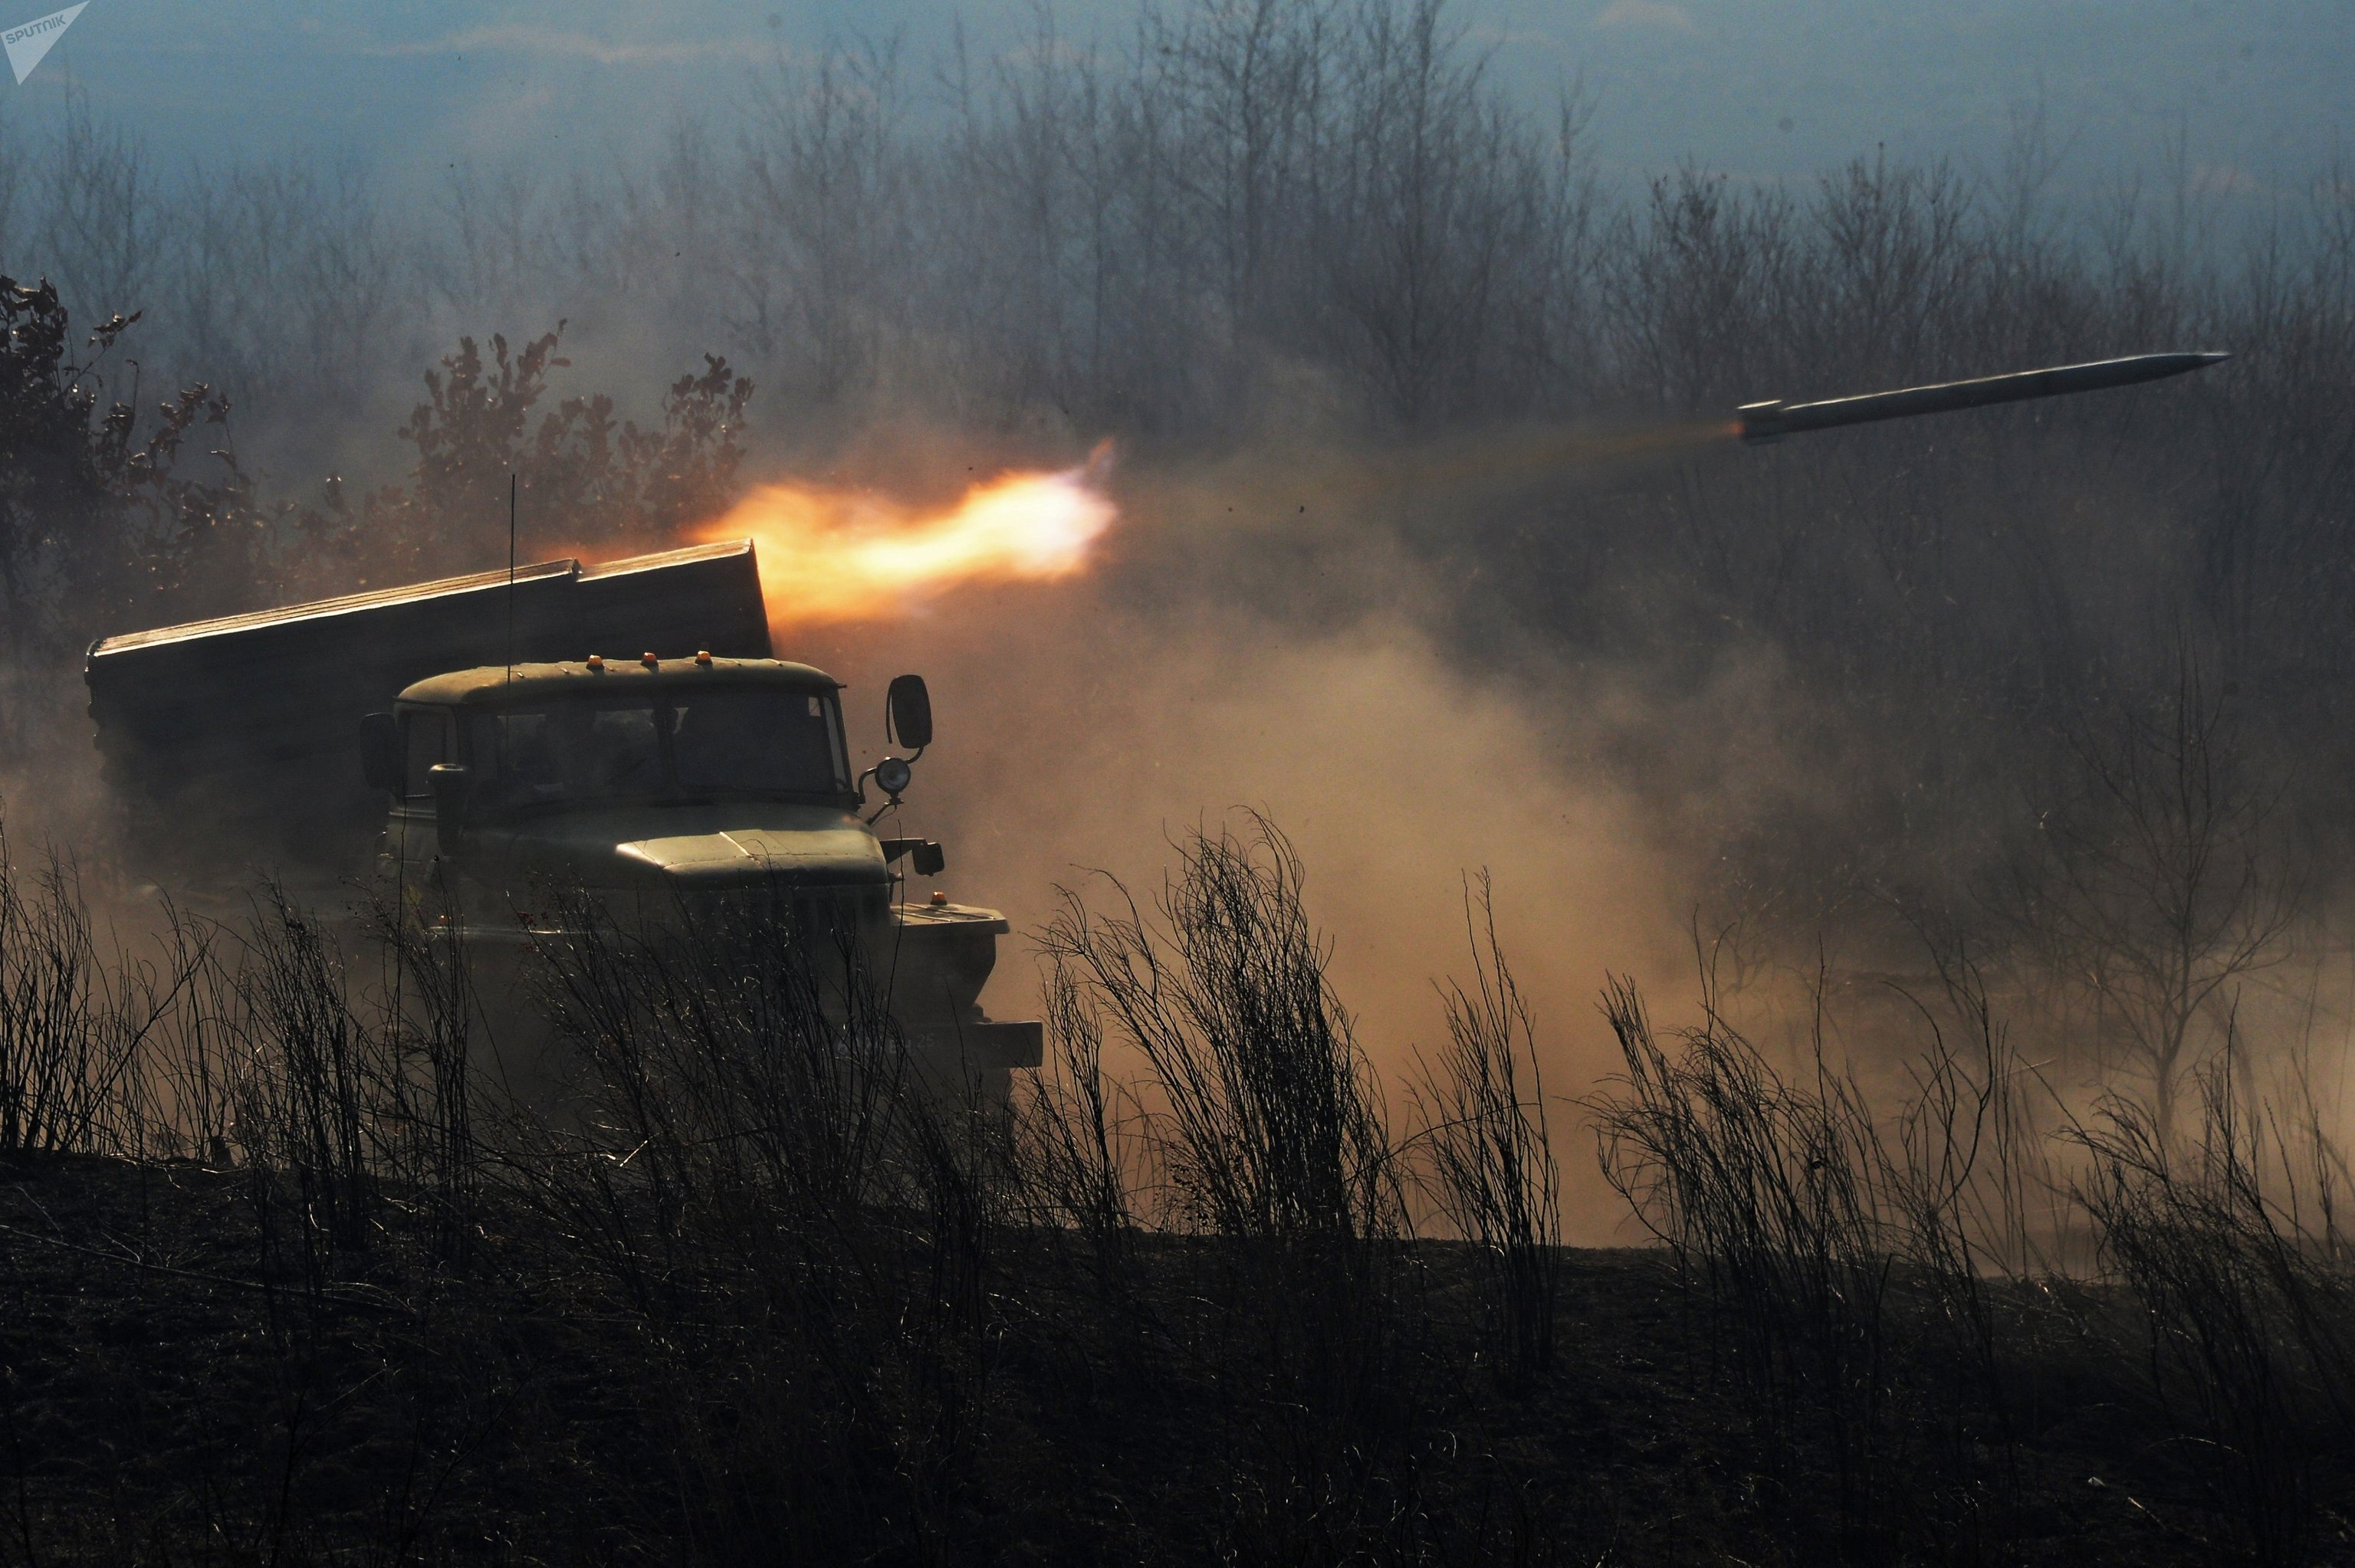 Un BM-21 Grad ruso en pleno disparo durante unas maniobras